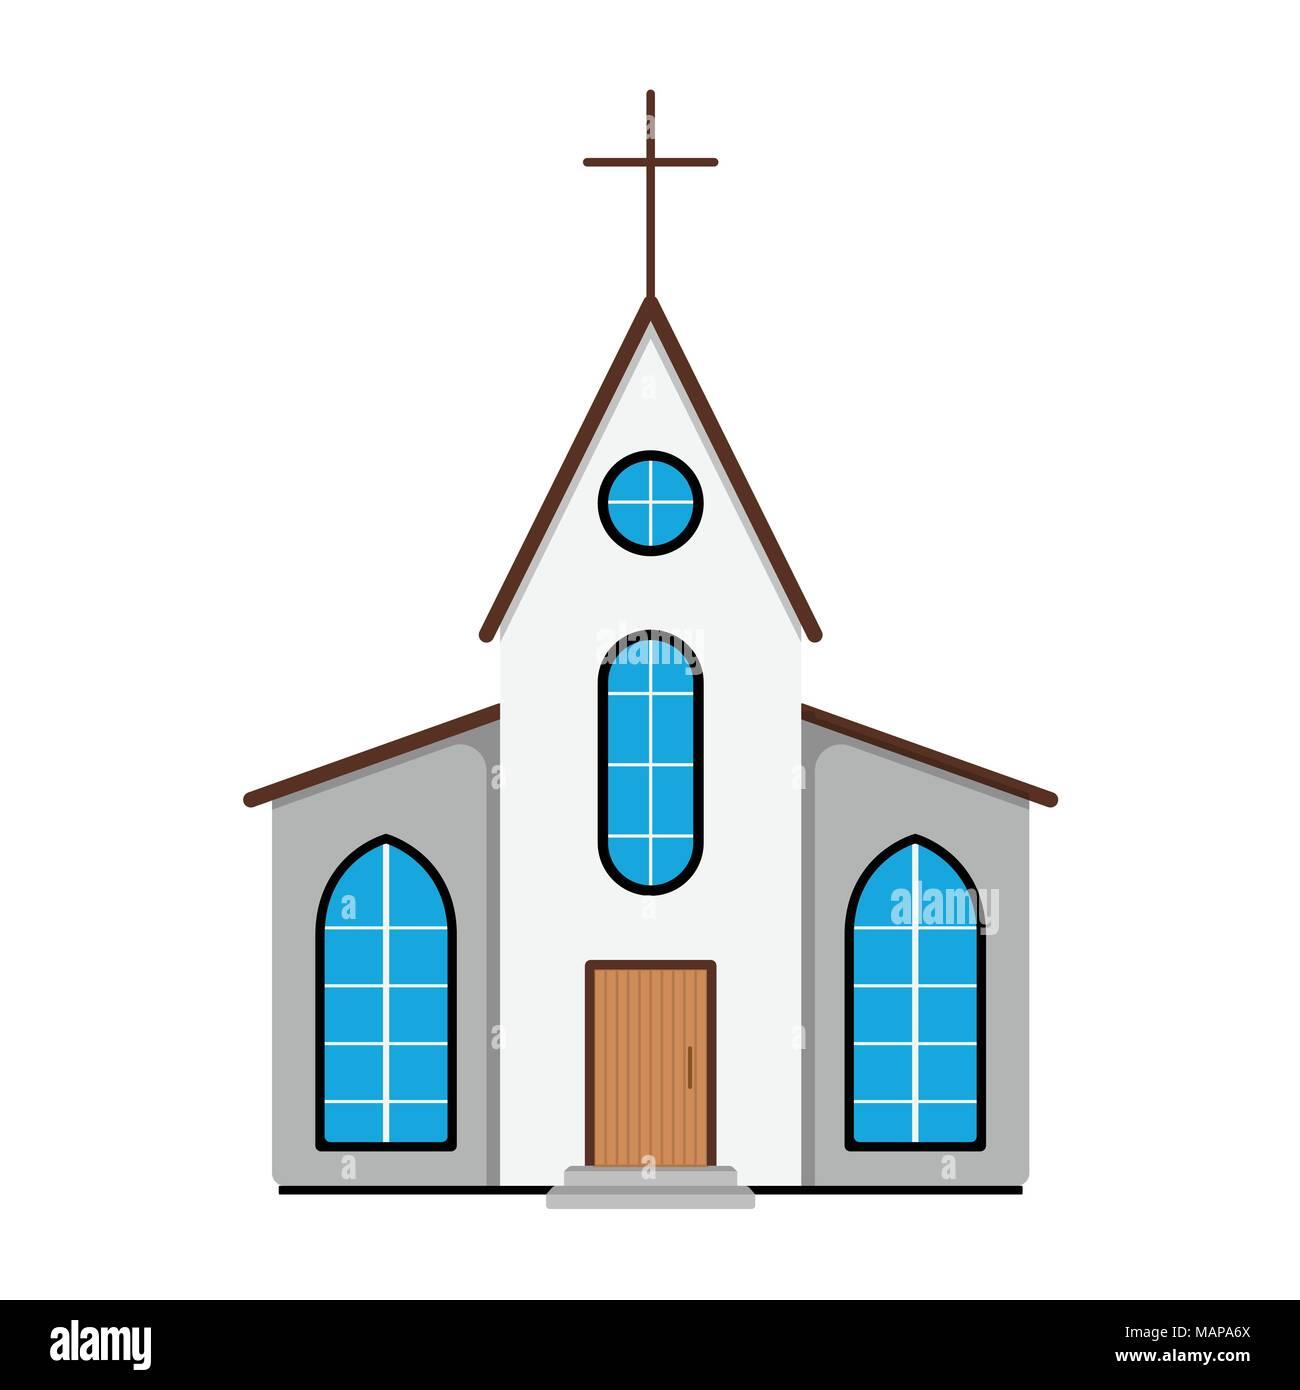 L Icone De L Eglise Etiquette De Paques Sur Fond Blanc Style De Dessin Anime Vector Illustration Image Vectorielle Stock Alamy